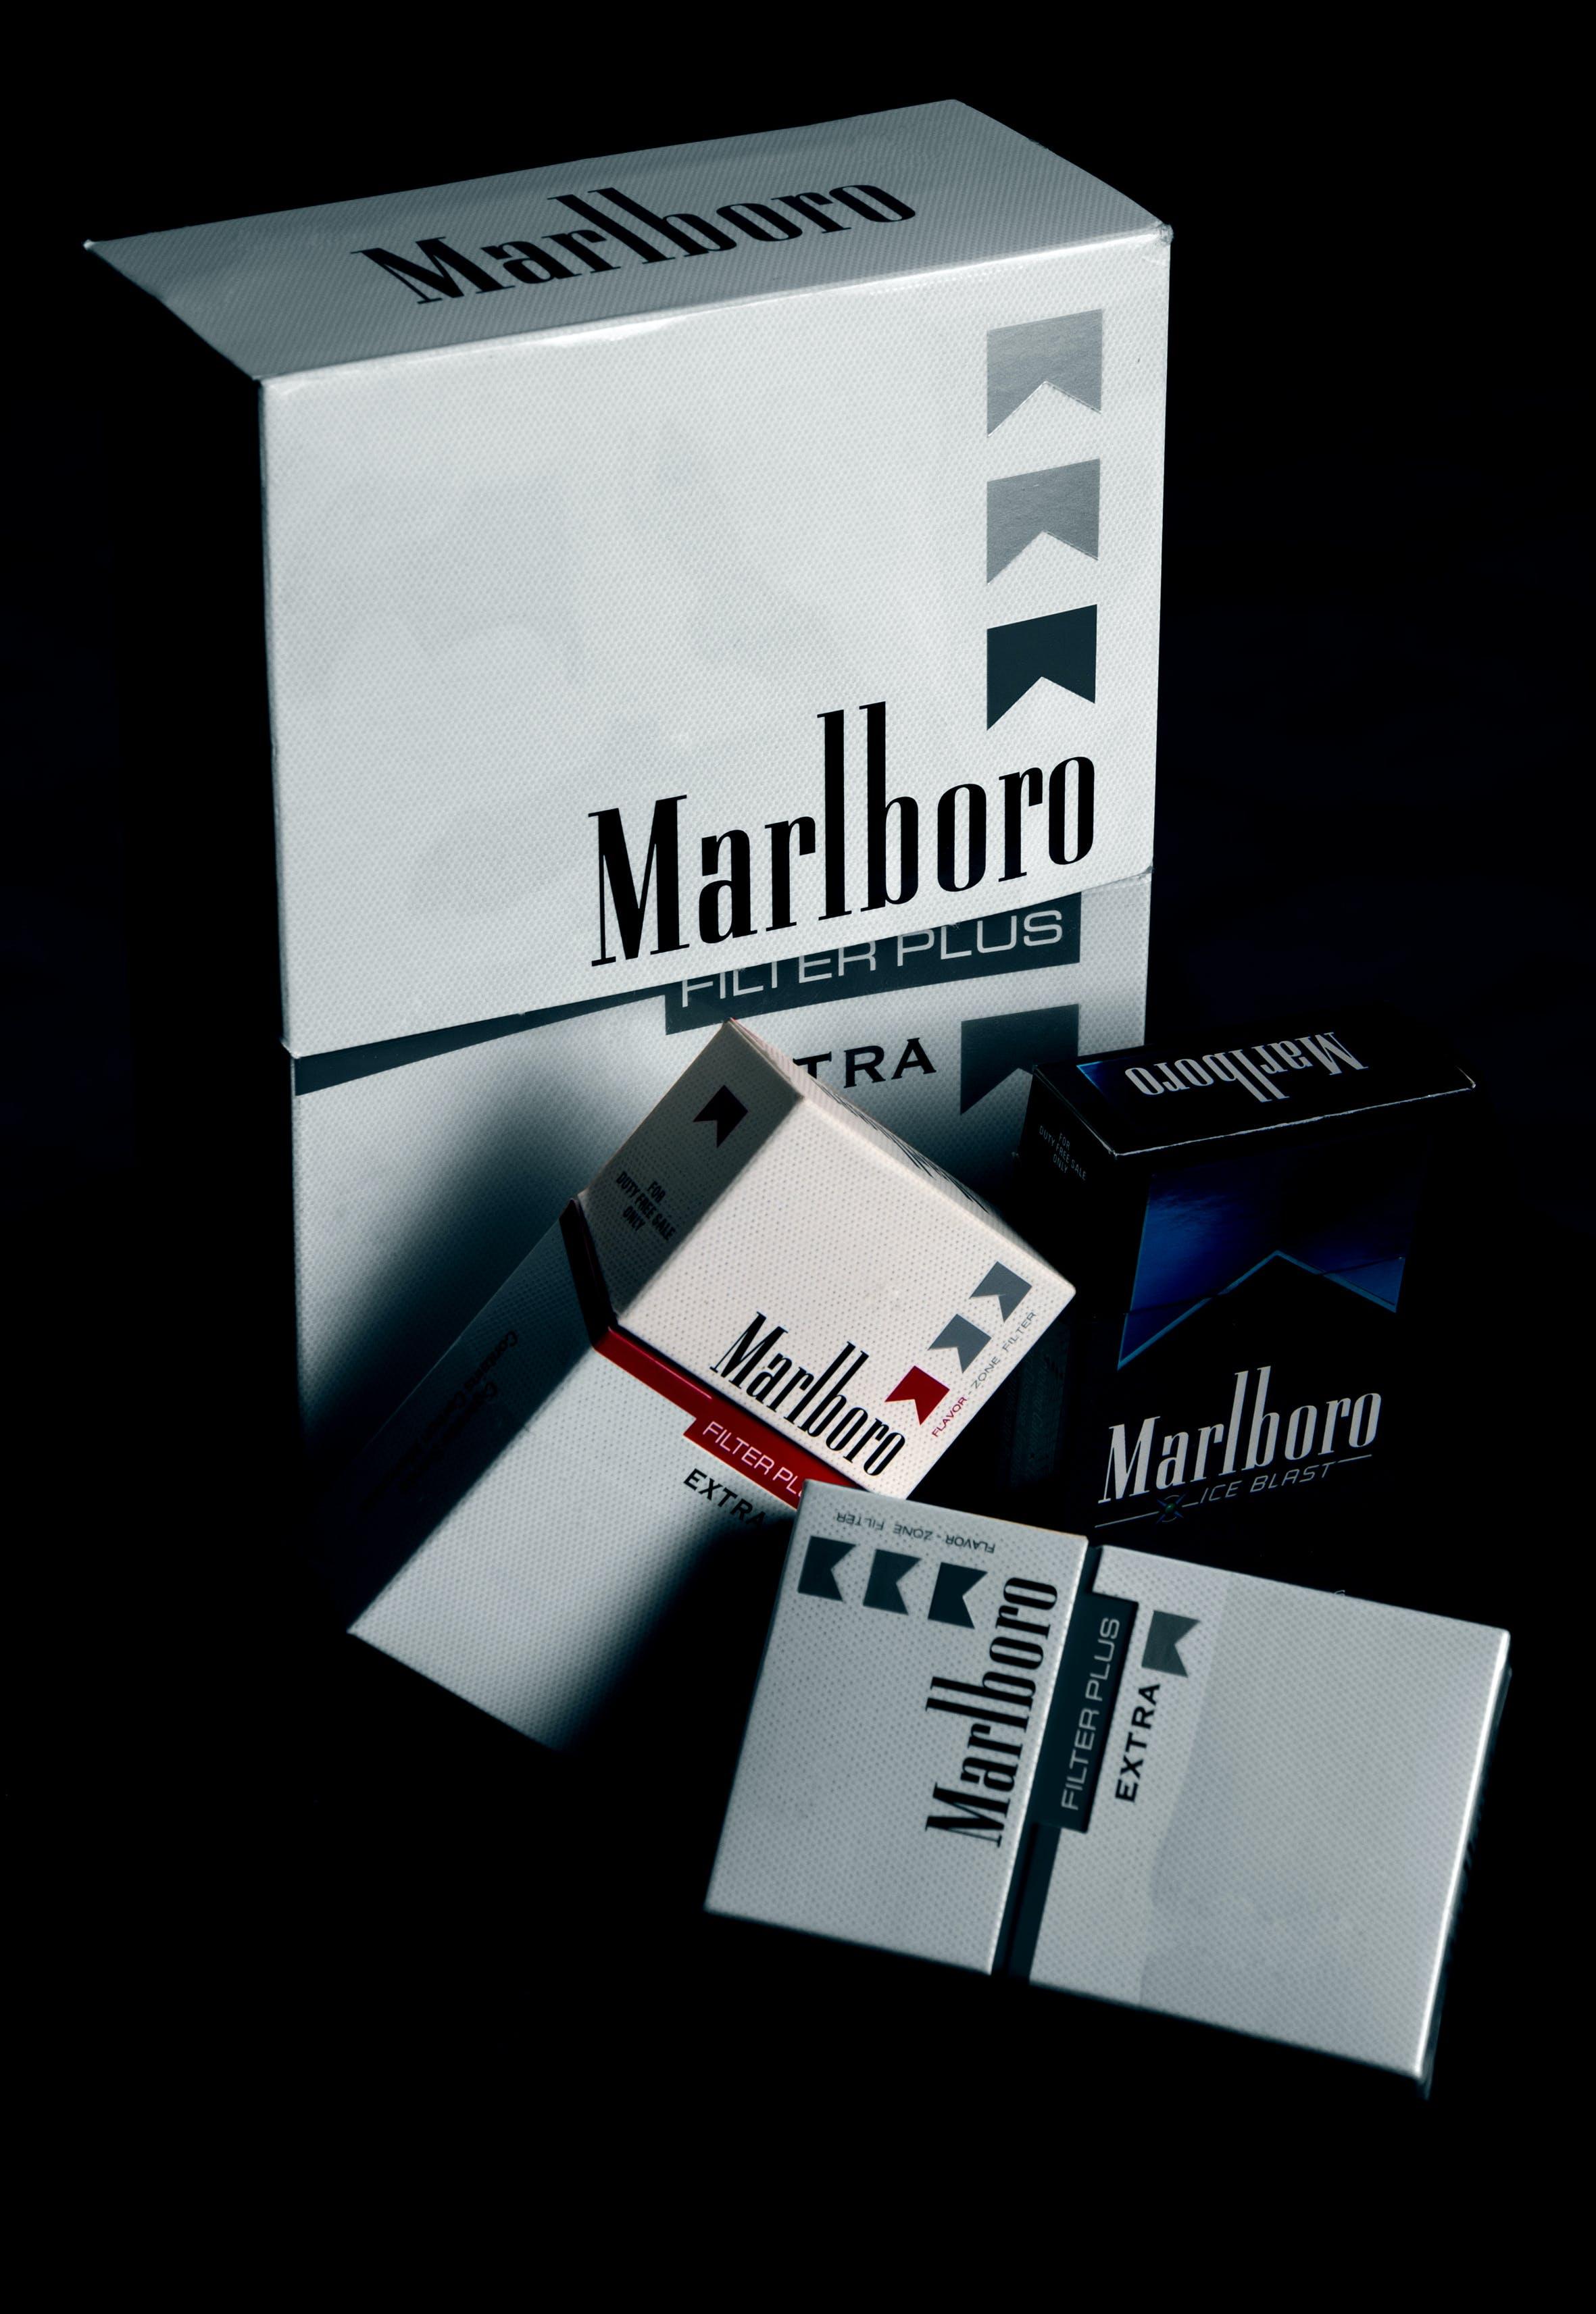 Marlboro Cigarette Boxes